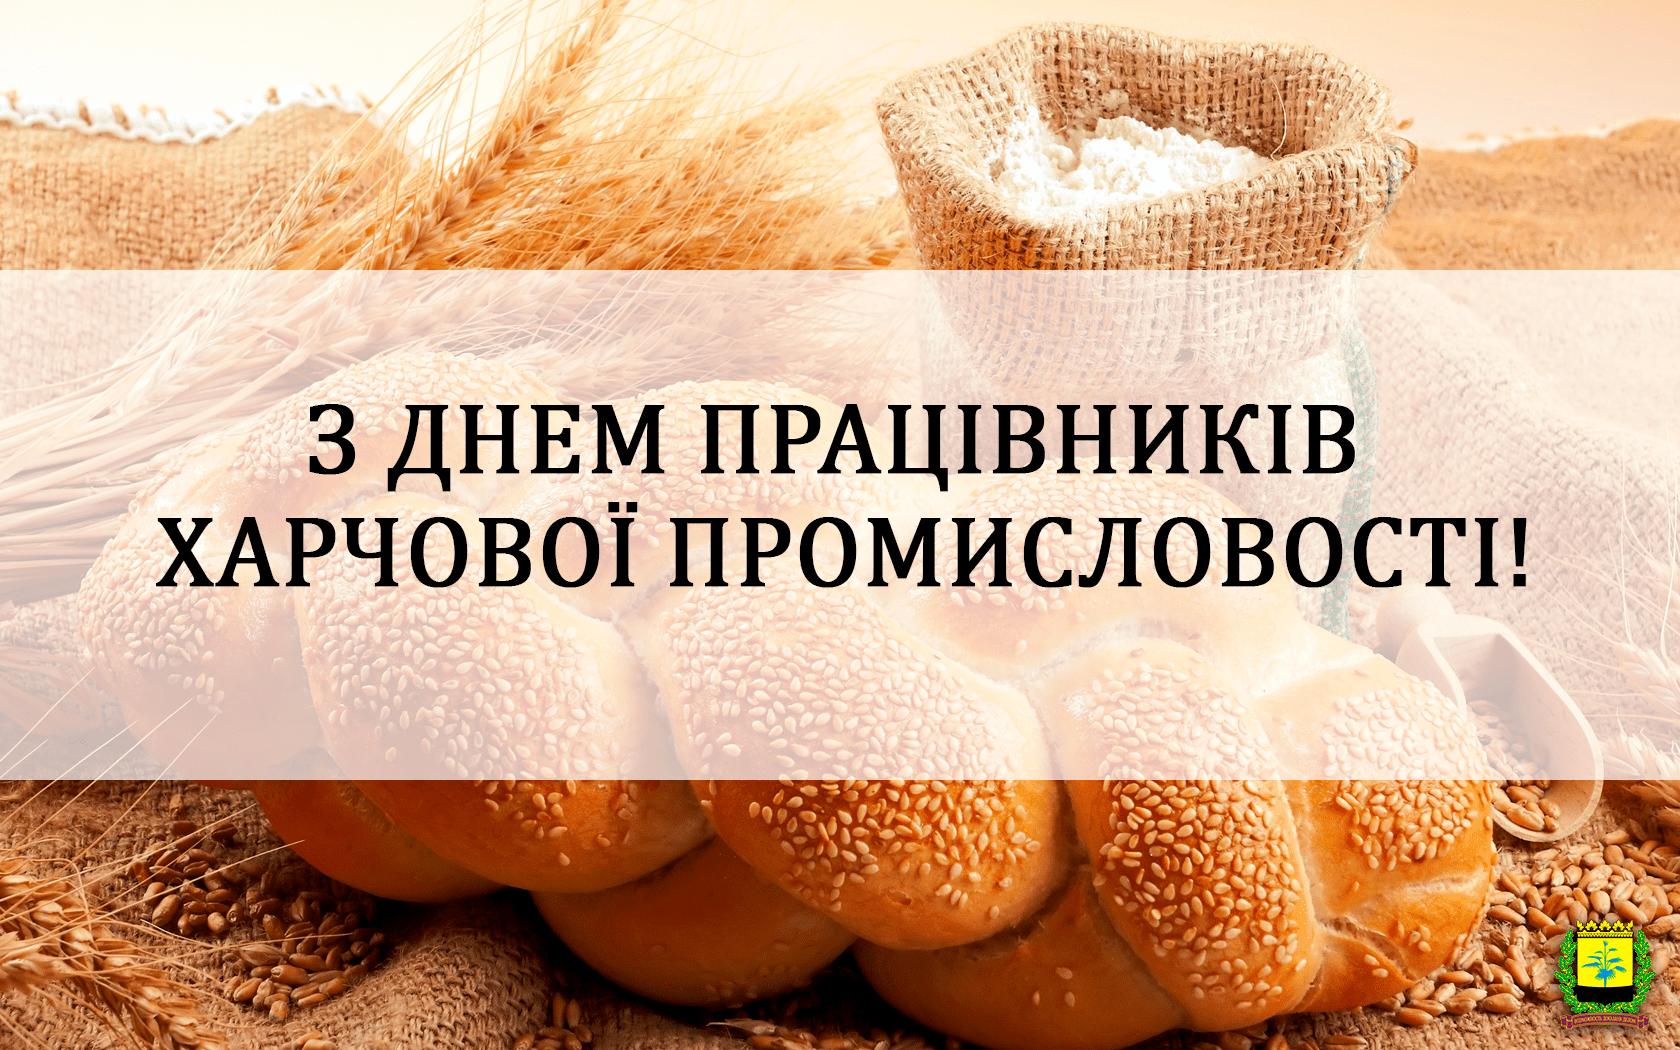 Открытка в День работников пищевой промышленности